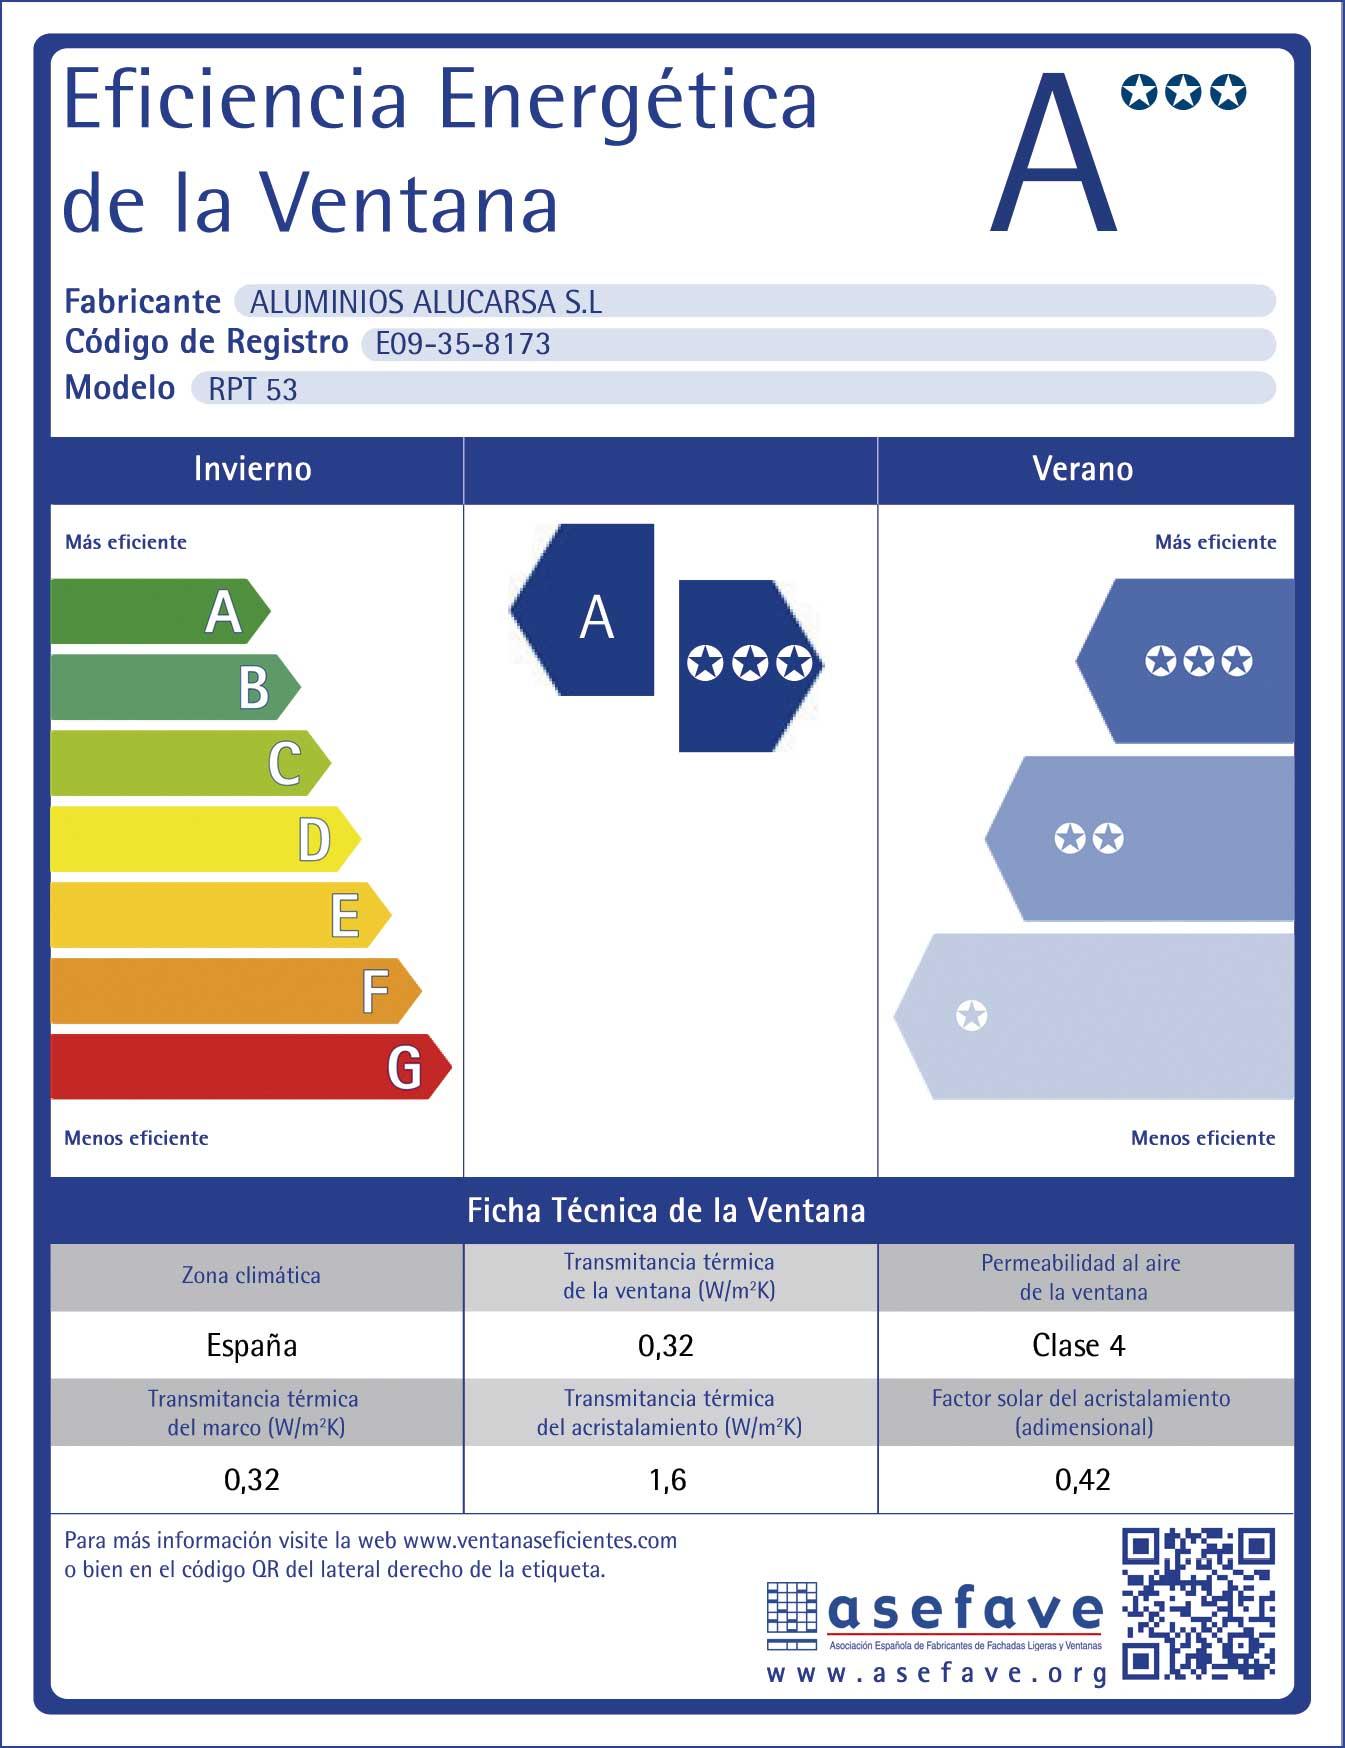 Etiqueta para la clasificación de la eficiencia energética en ventanas.